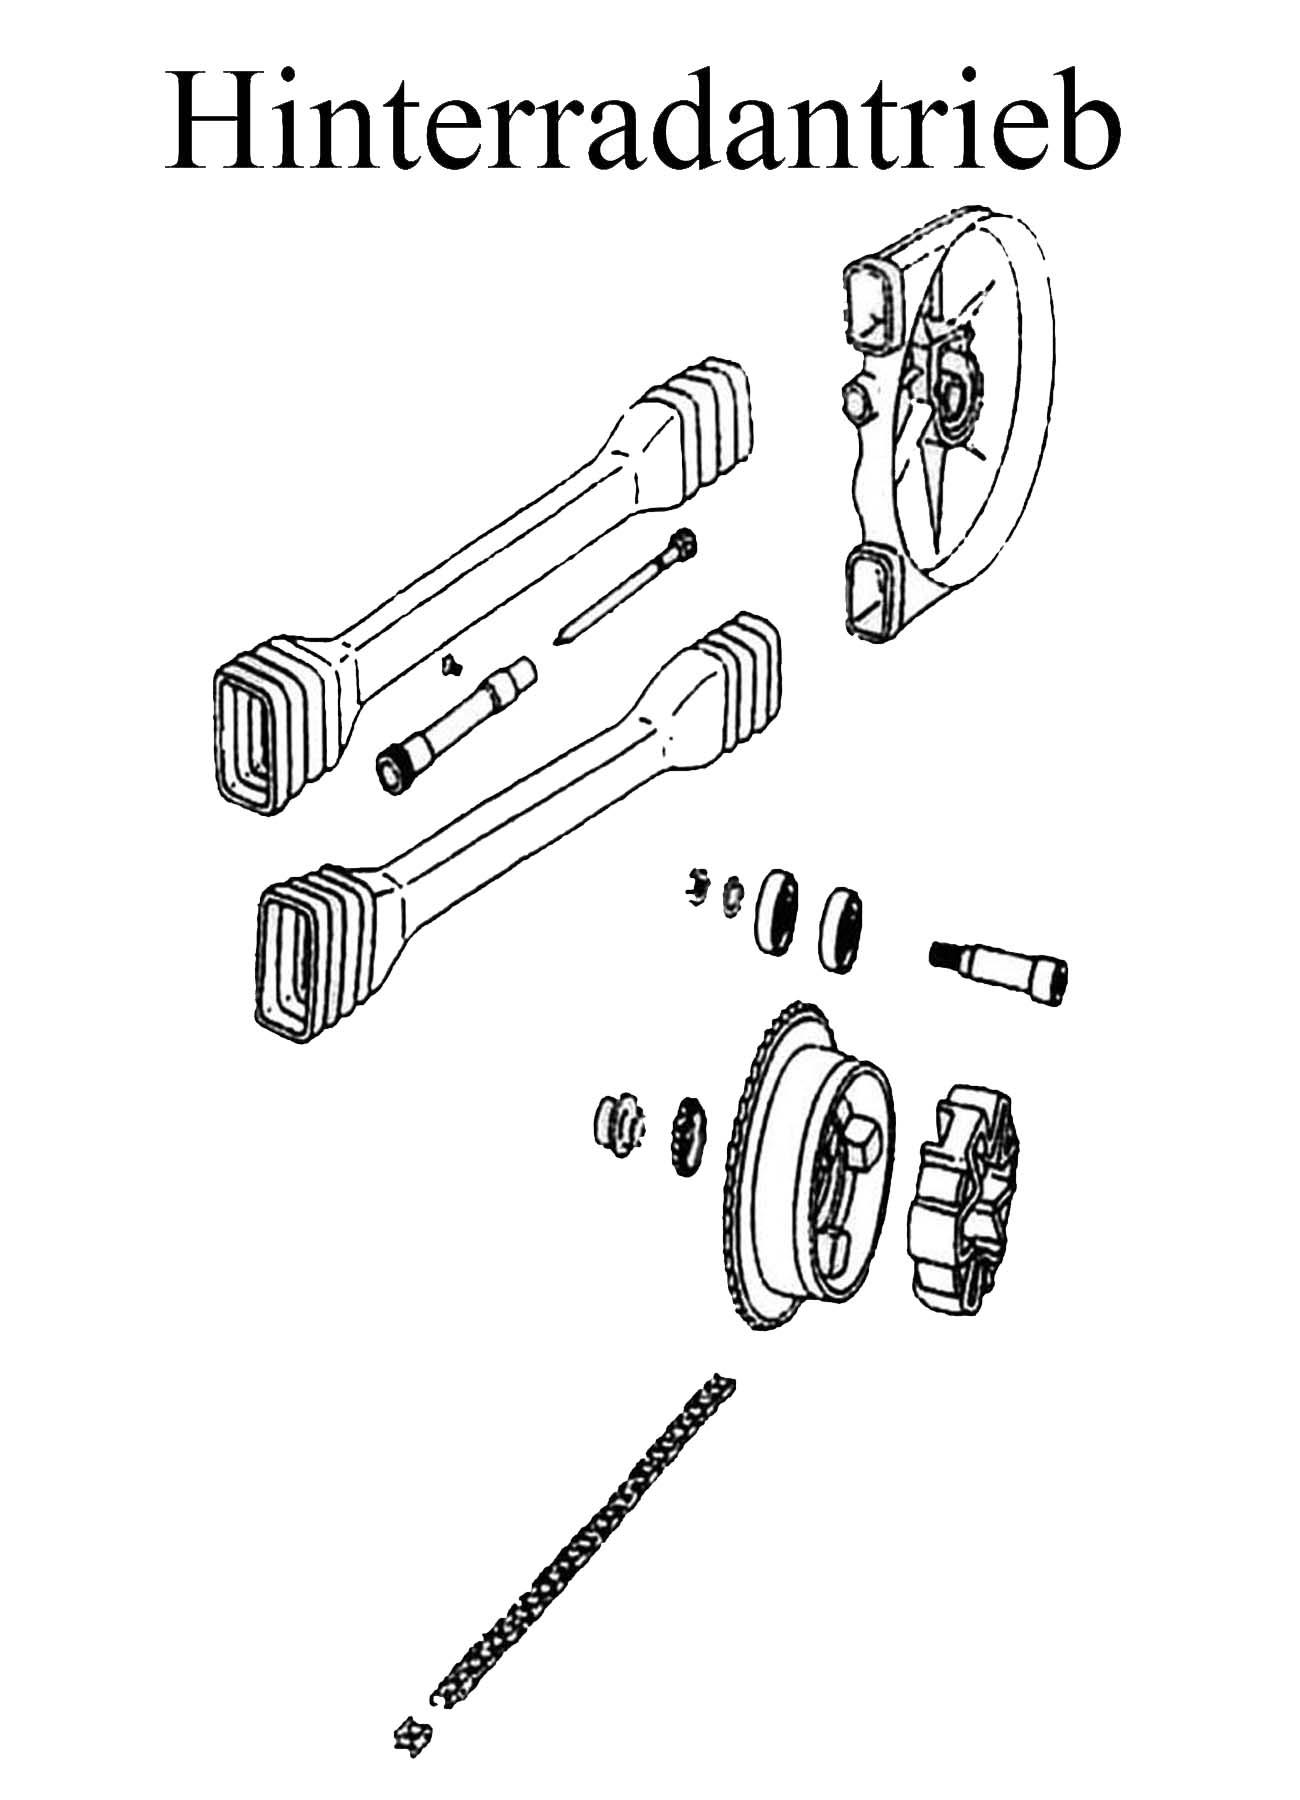 DDR-Motorrad MZ ETZ 251 Ersatzteile Hinterradantrieb Kettenschlauch Schläuche Schloß Kasten Mitnehmer Dämpfungsgummi Tachoantrieb